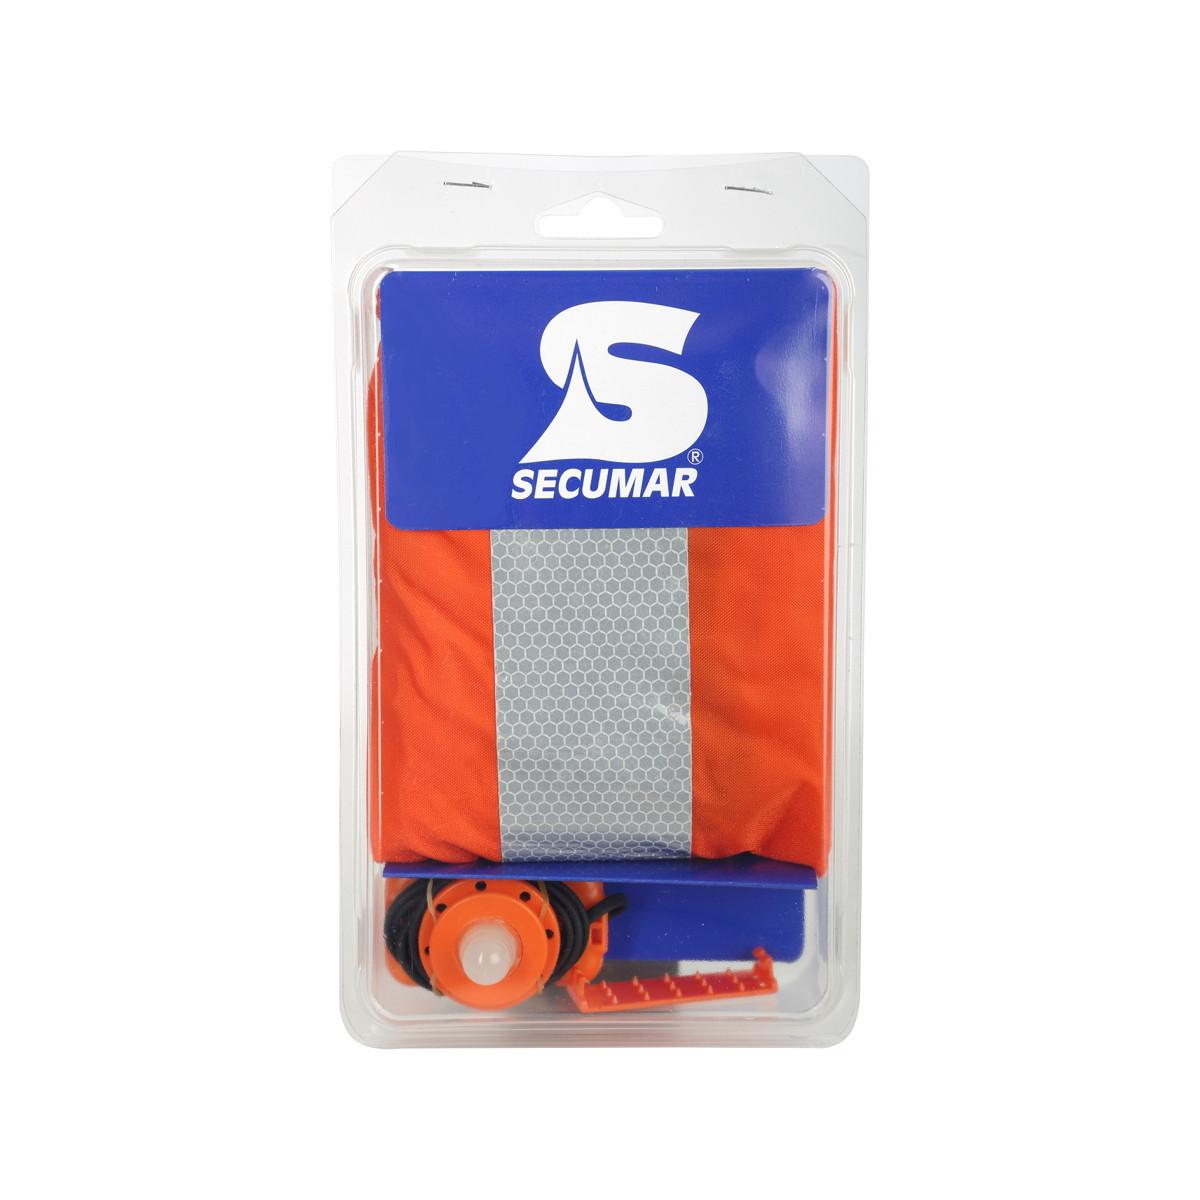 Secumar Ultra 170 Zubehörpaket bestehend aus SOLAS Leuchte und Sprayhood